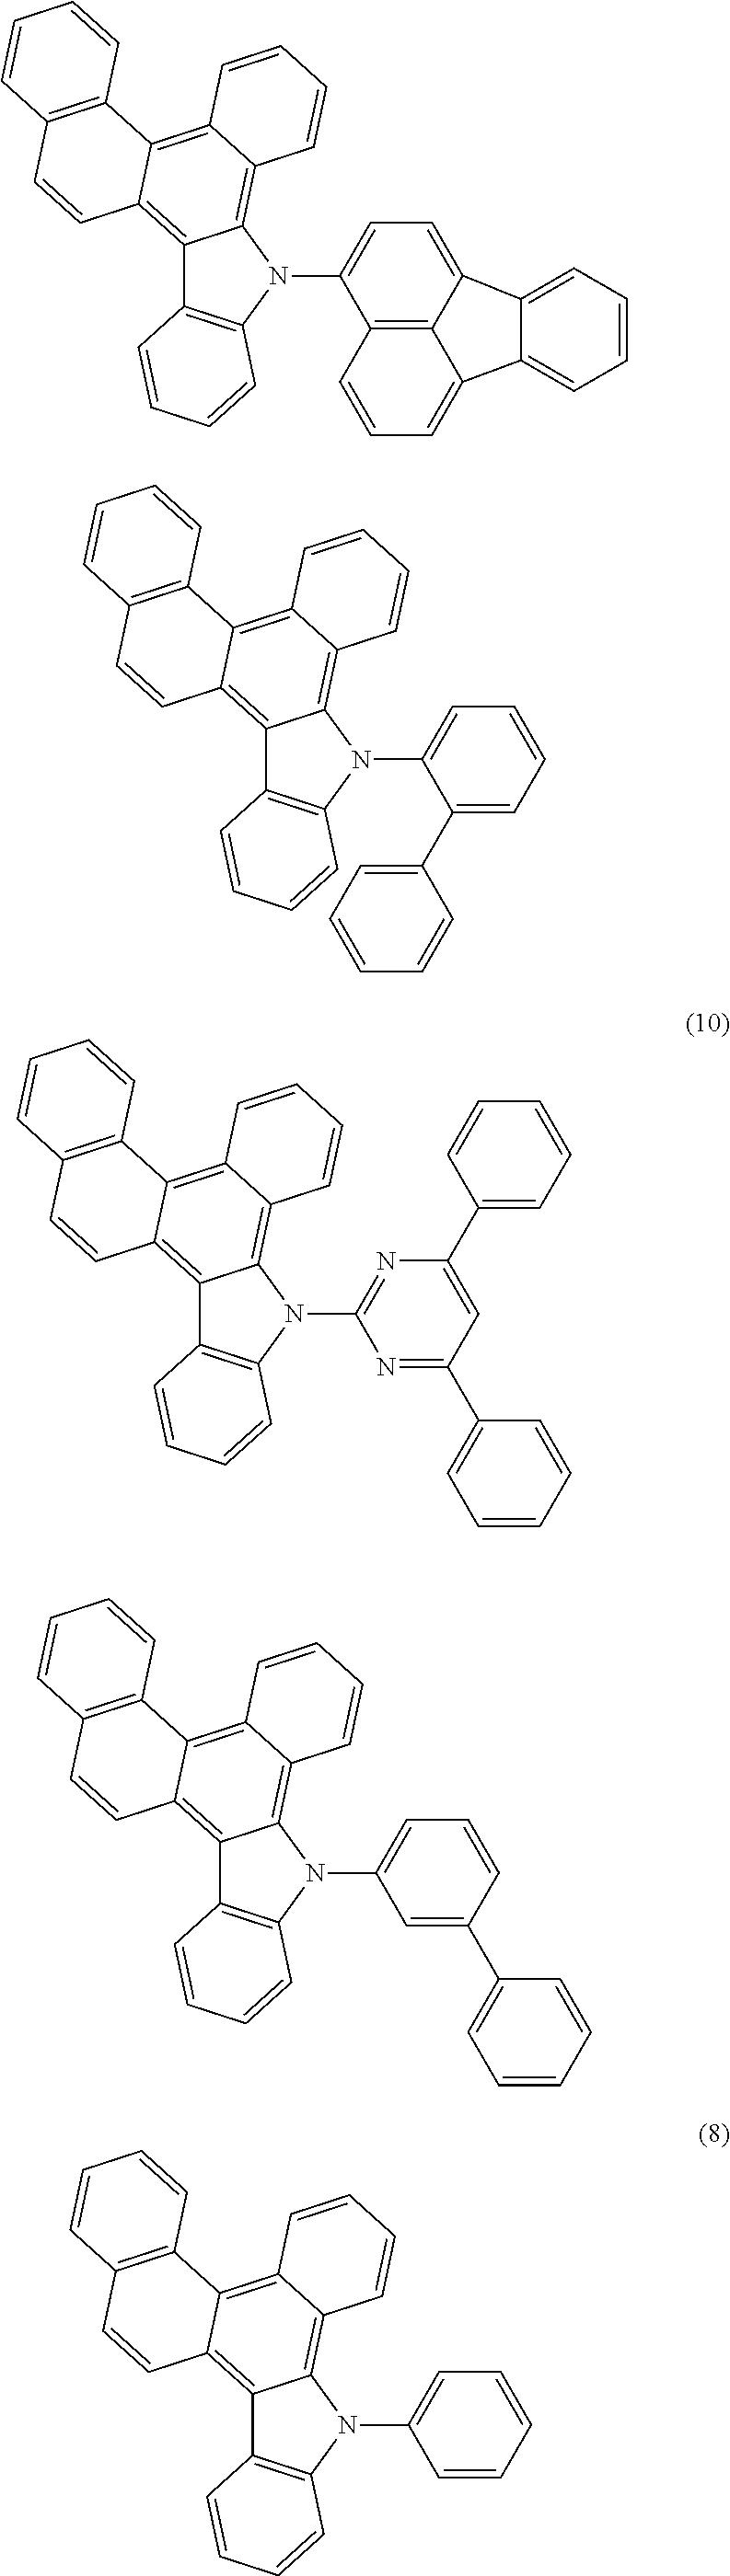 Figure US09837615-20171205-C00046